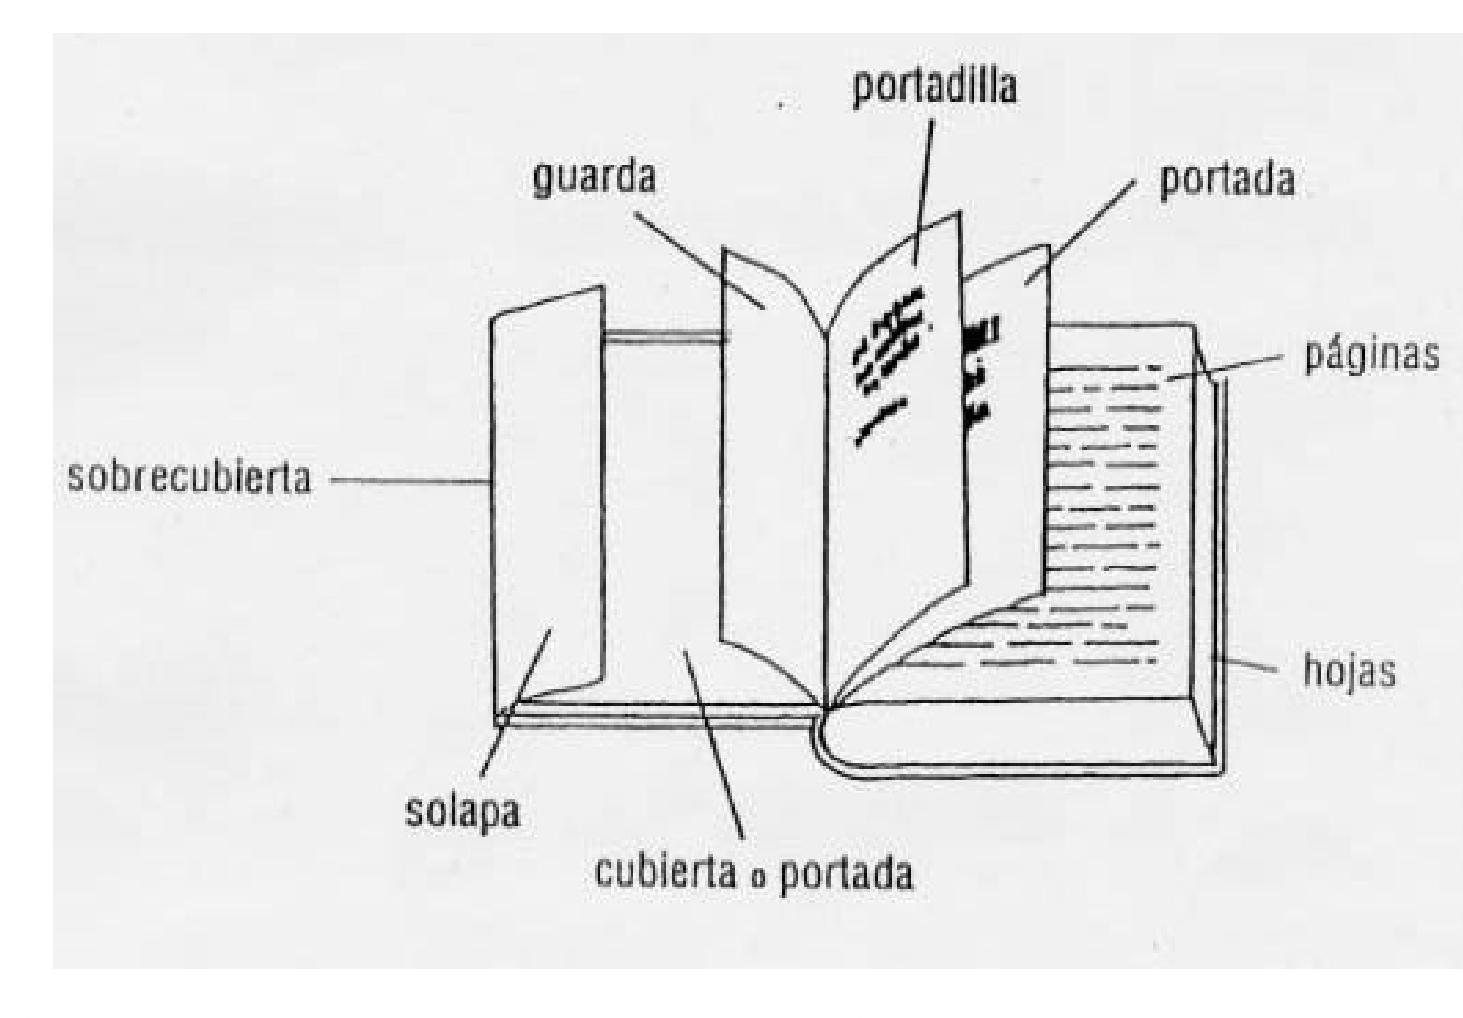 10 partes de un libro: